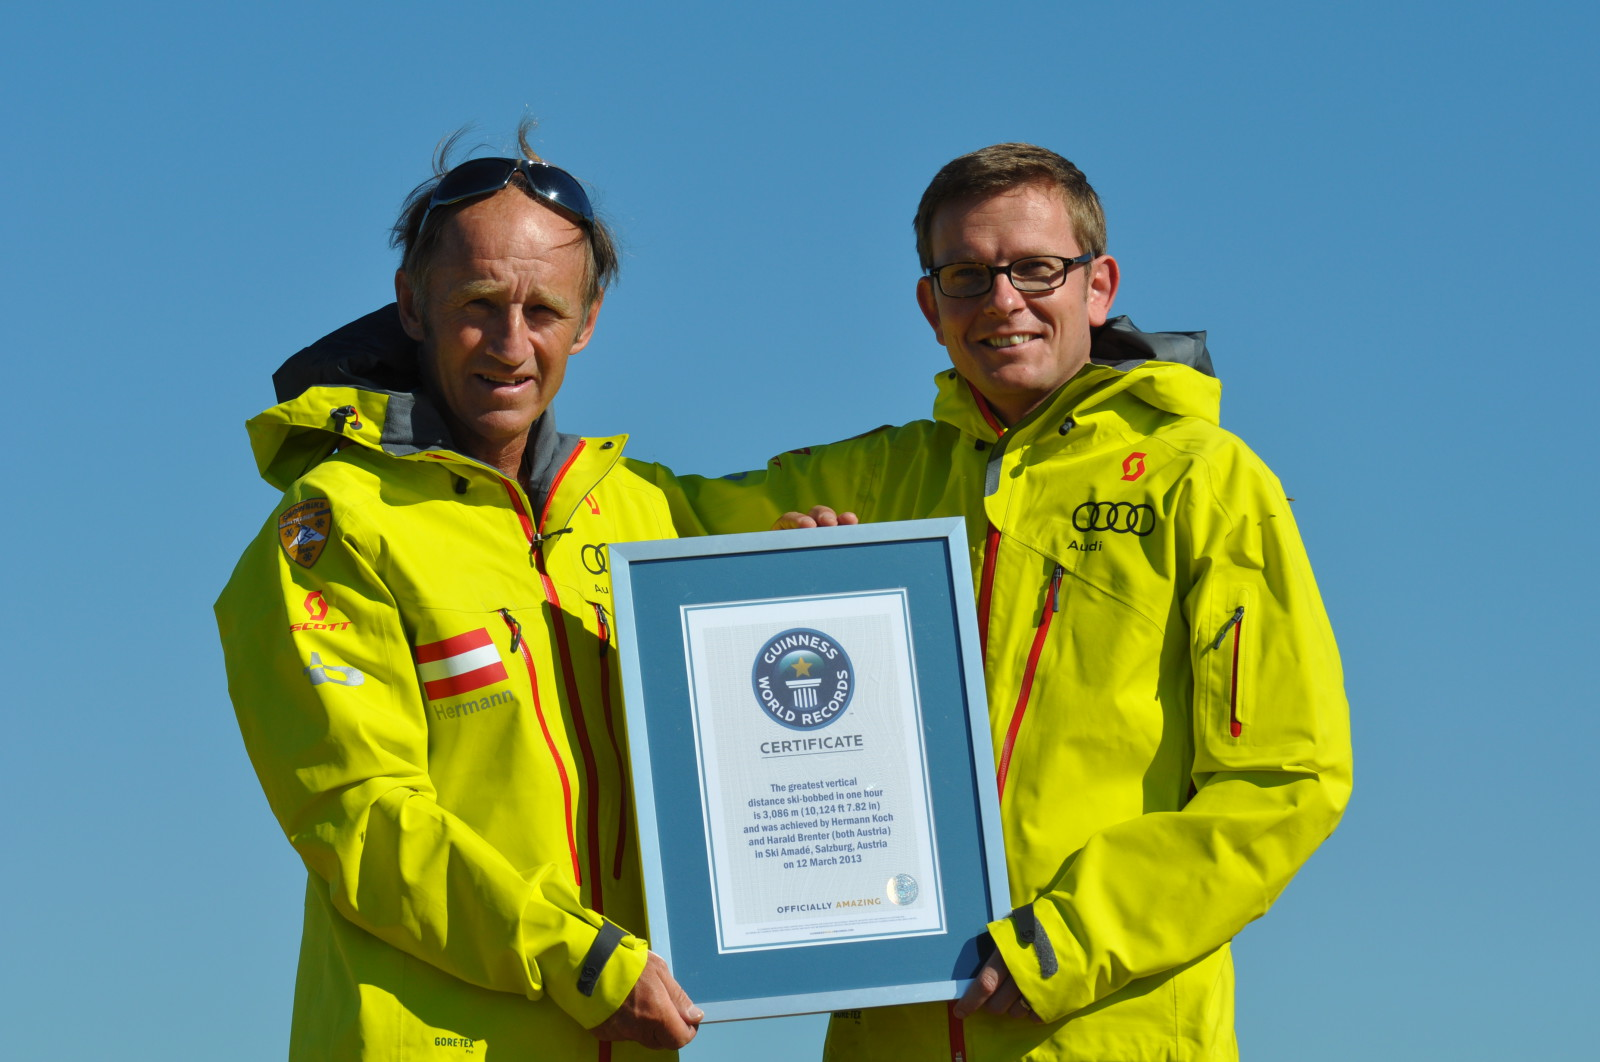 Weltrekord - geschafft!